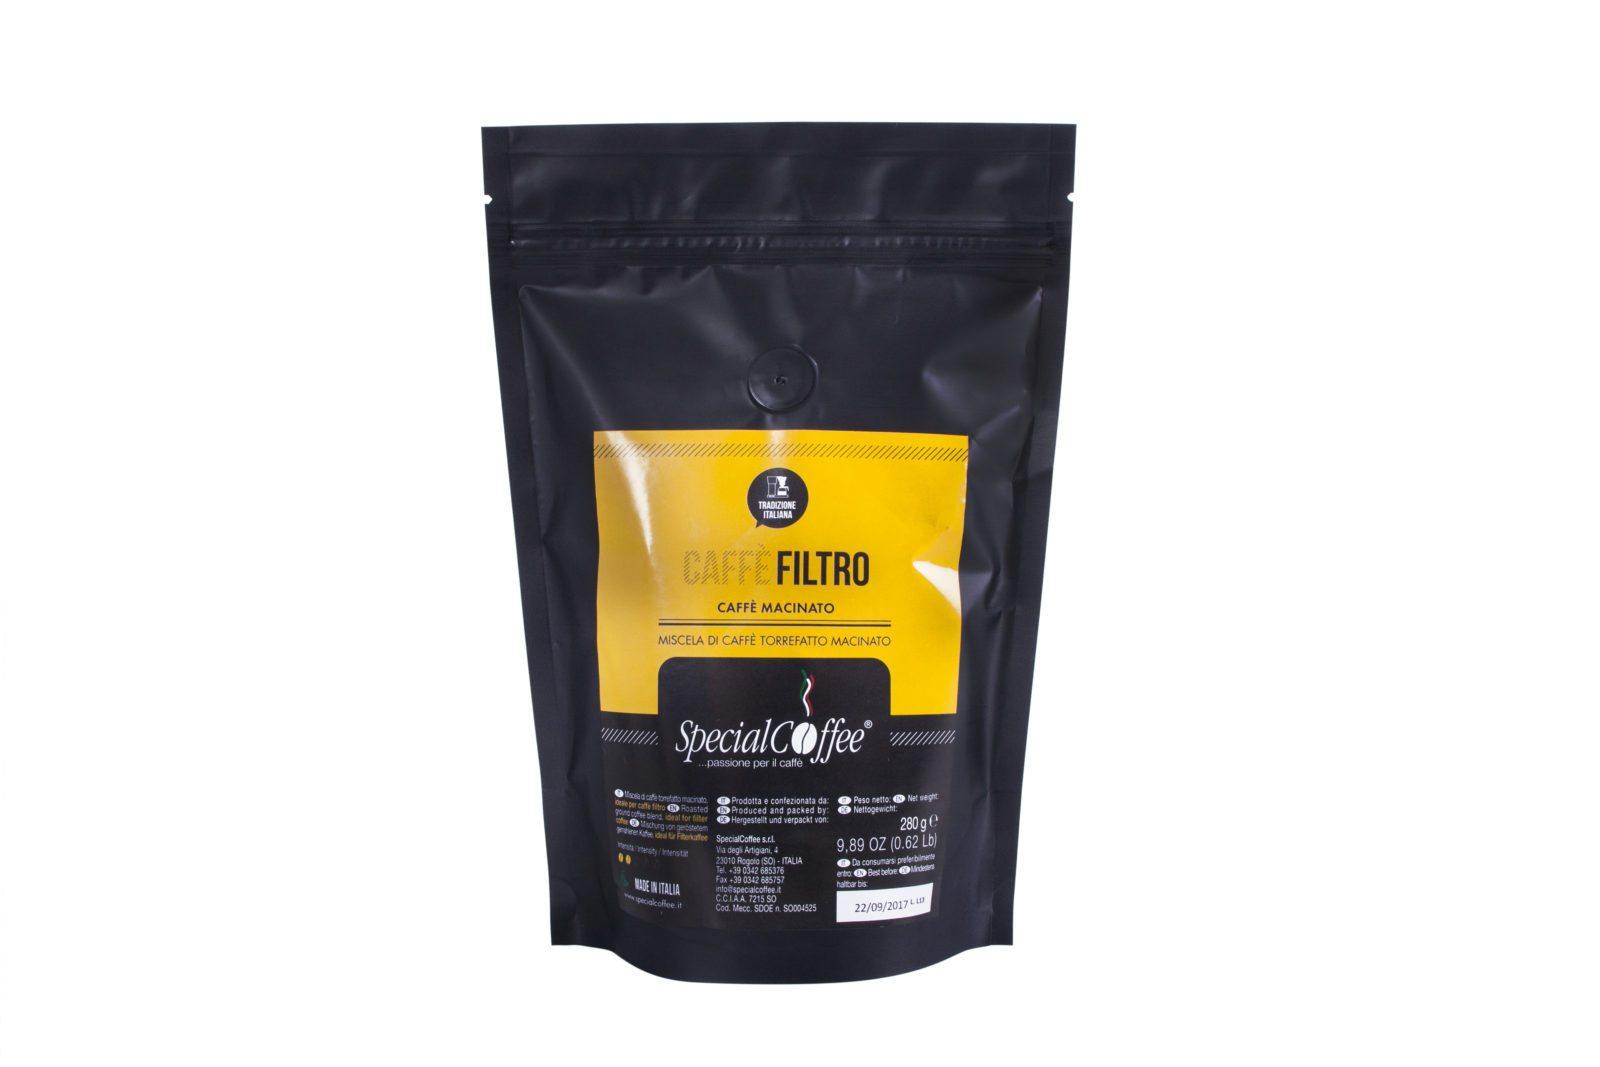 caffè-filtro_fronte